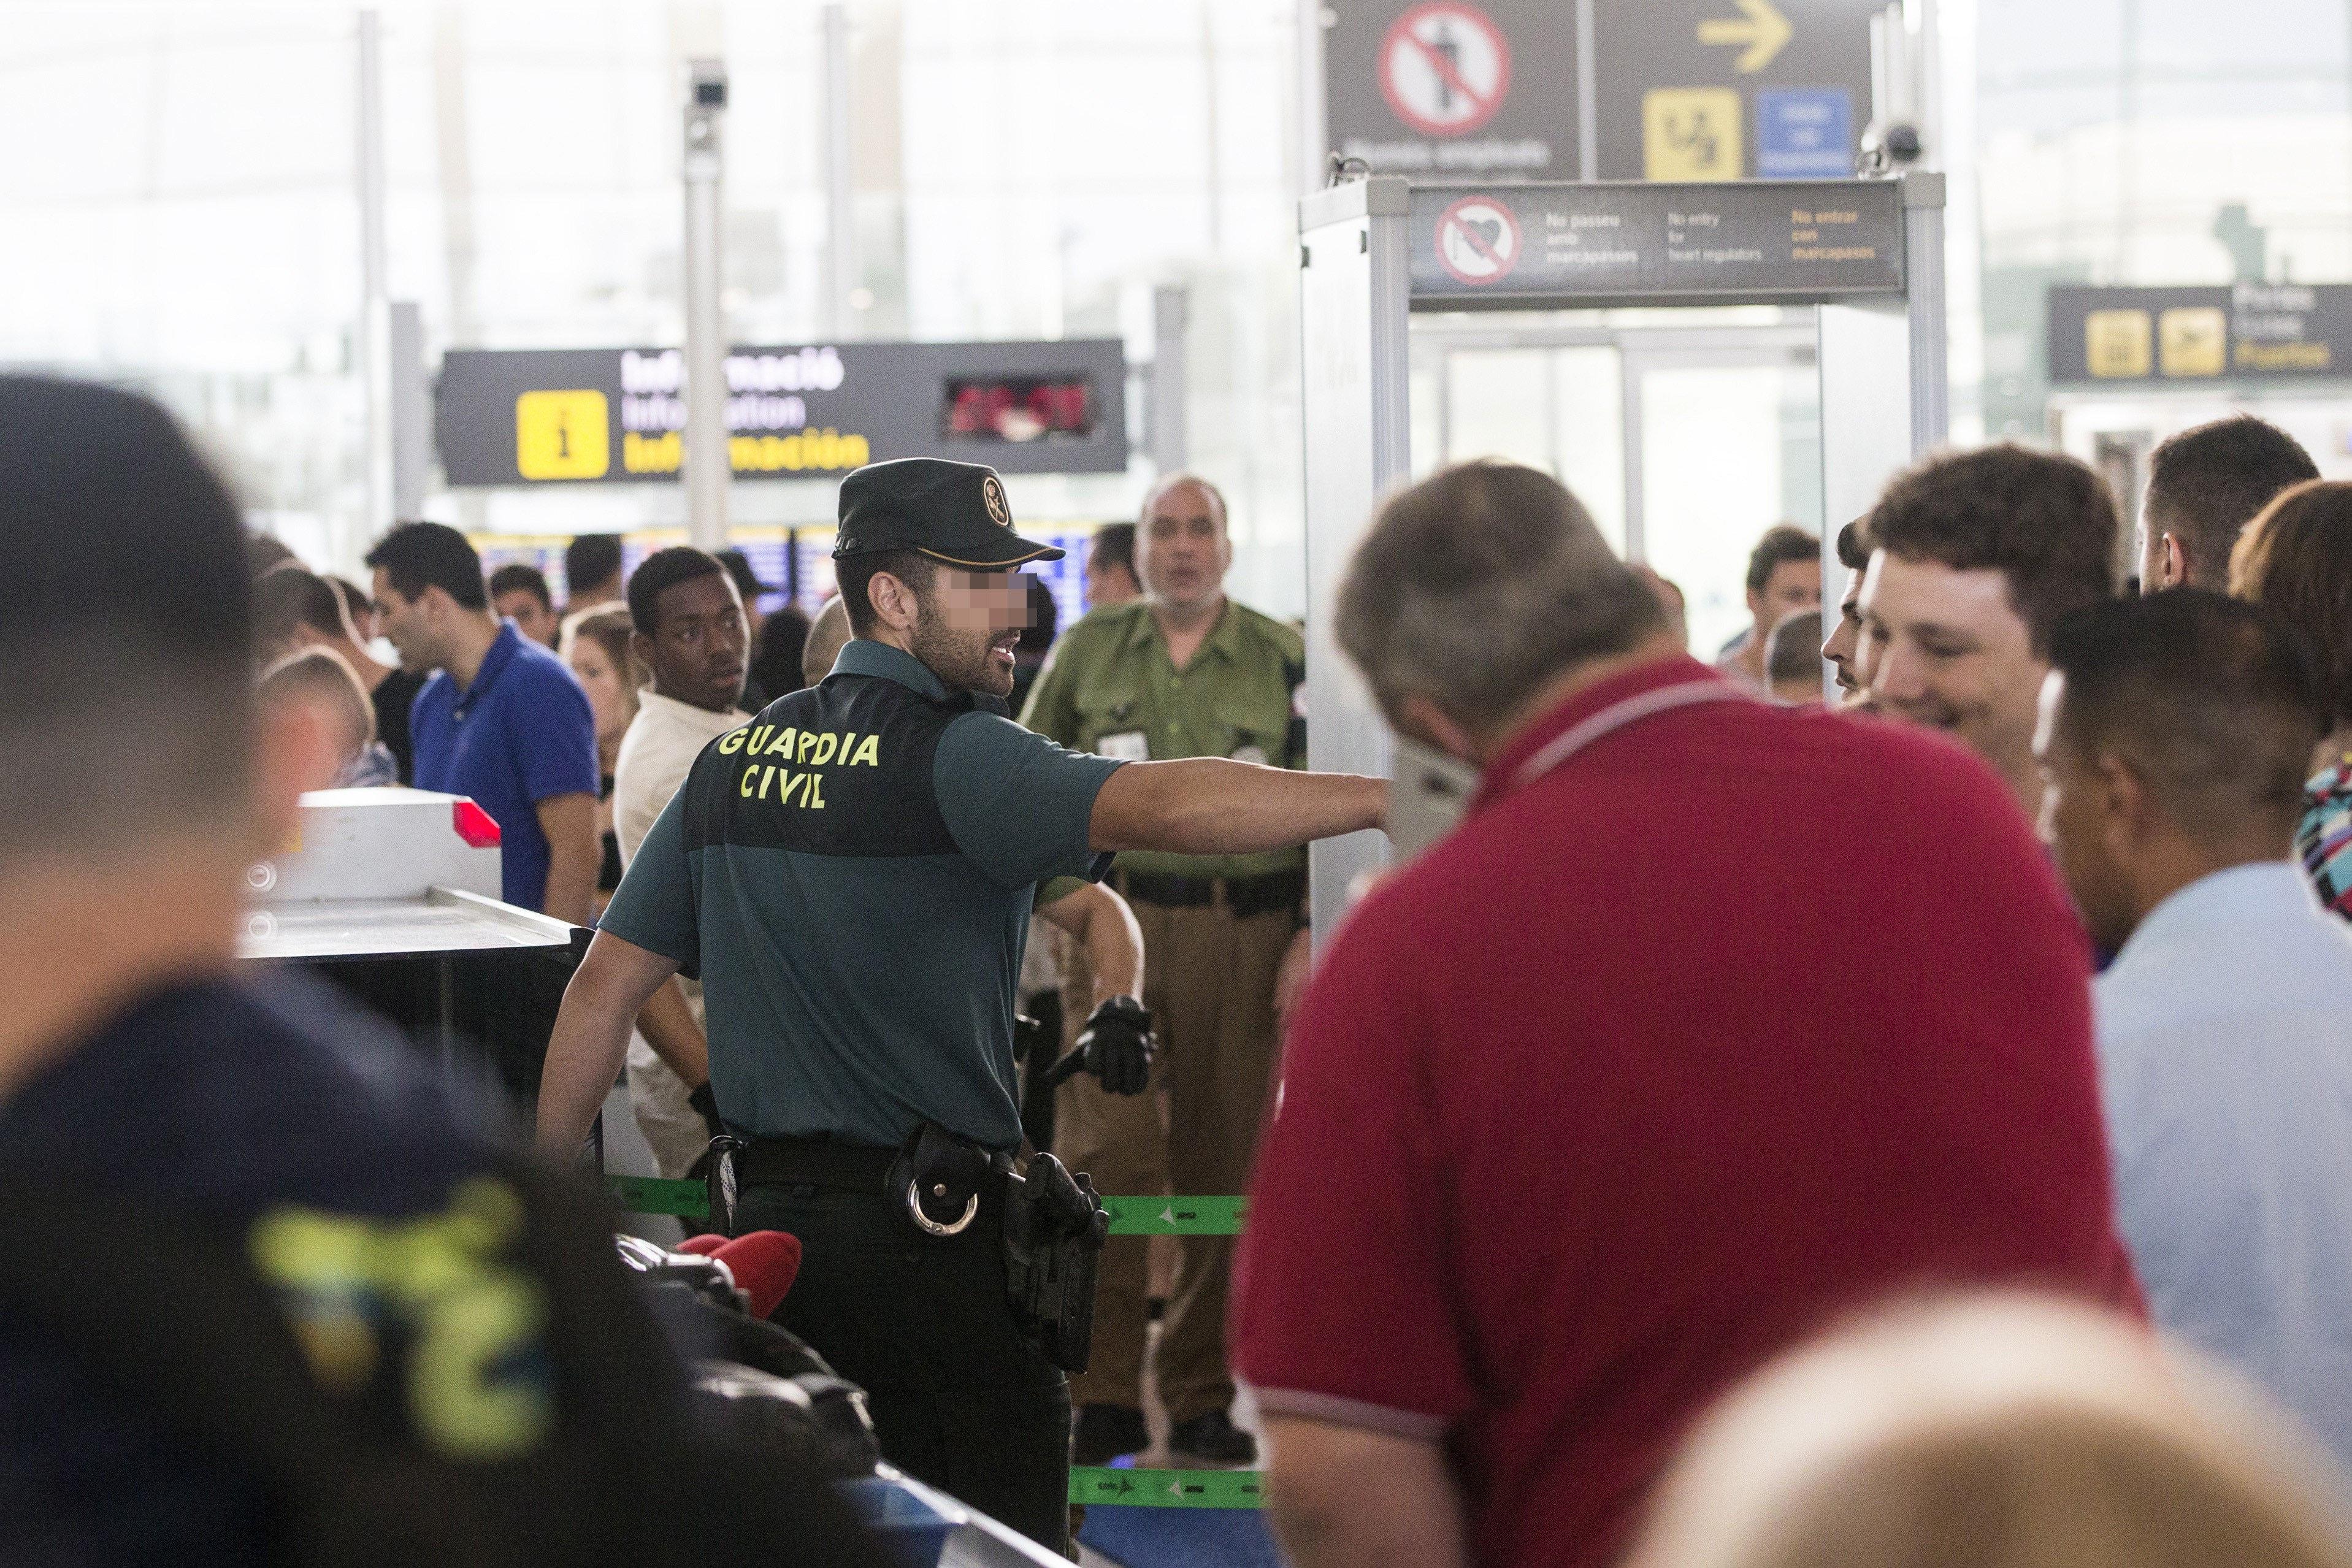 Agents de la Guàrdia Civil custodien els accessos a les portes d'embarcament a l'aeroport de Barcelona després d'iniciar-se la vaga indefinida dels treballadors d'Eulen. /QUIQUE GARCÍA